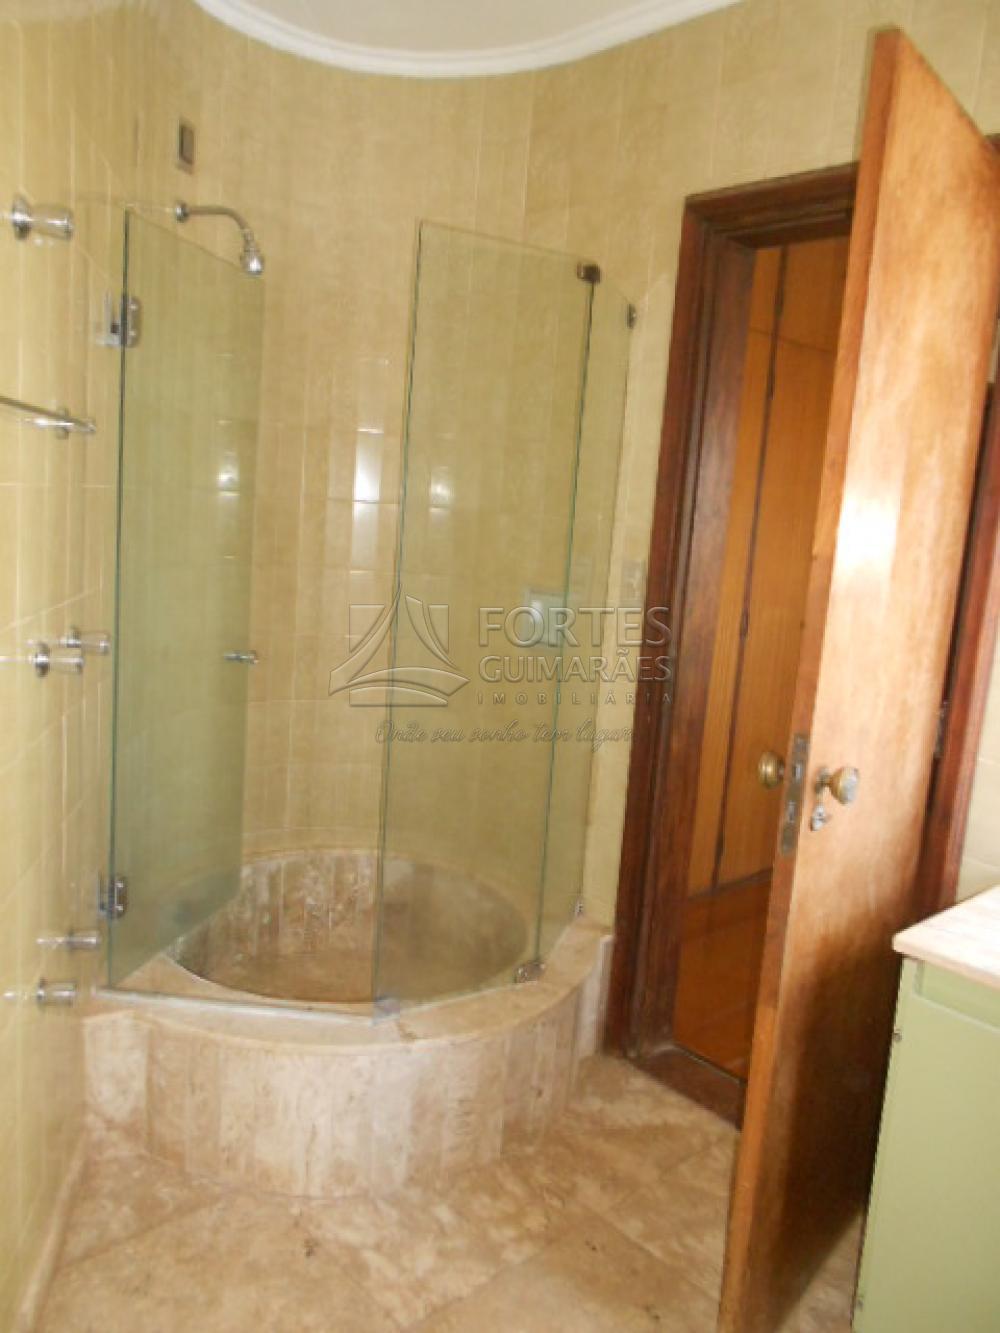 Alugar Apartamentos / Padrão em Ribeirão Preto apenas R$ 1.500,00 - Foto 50